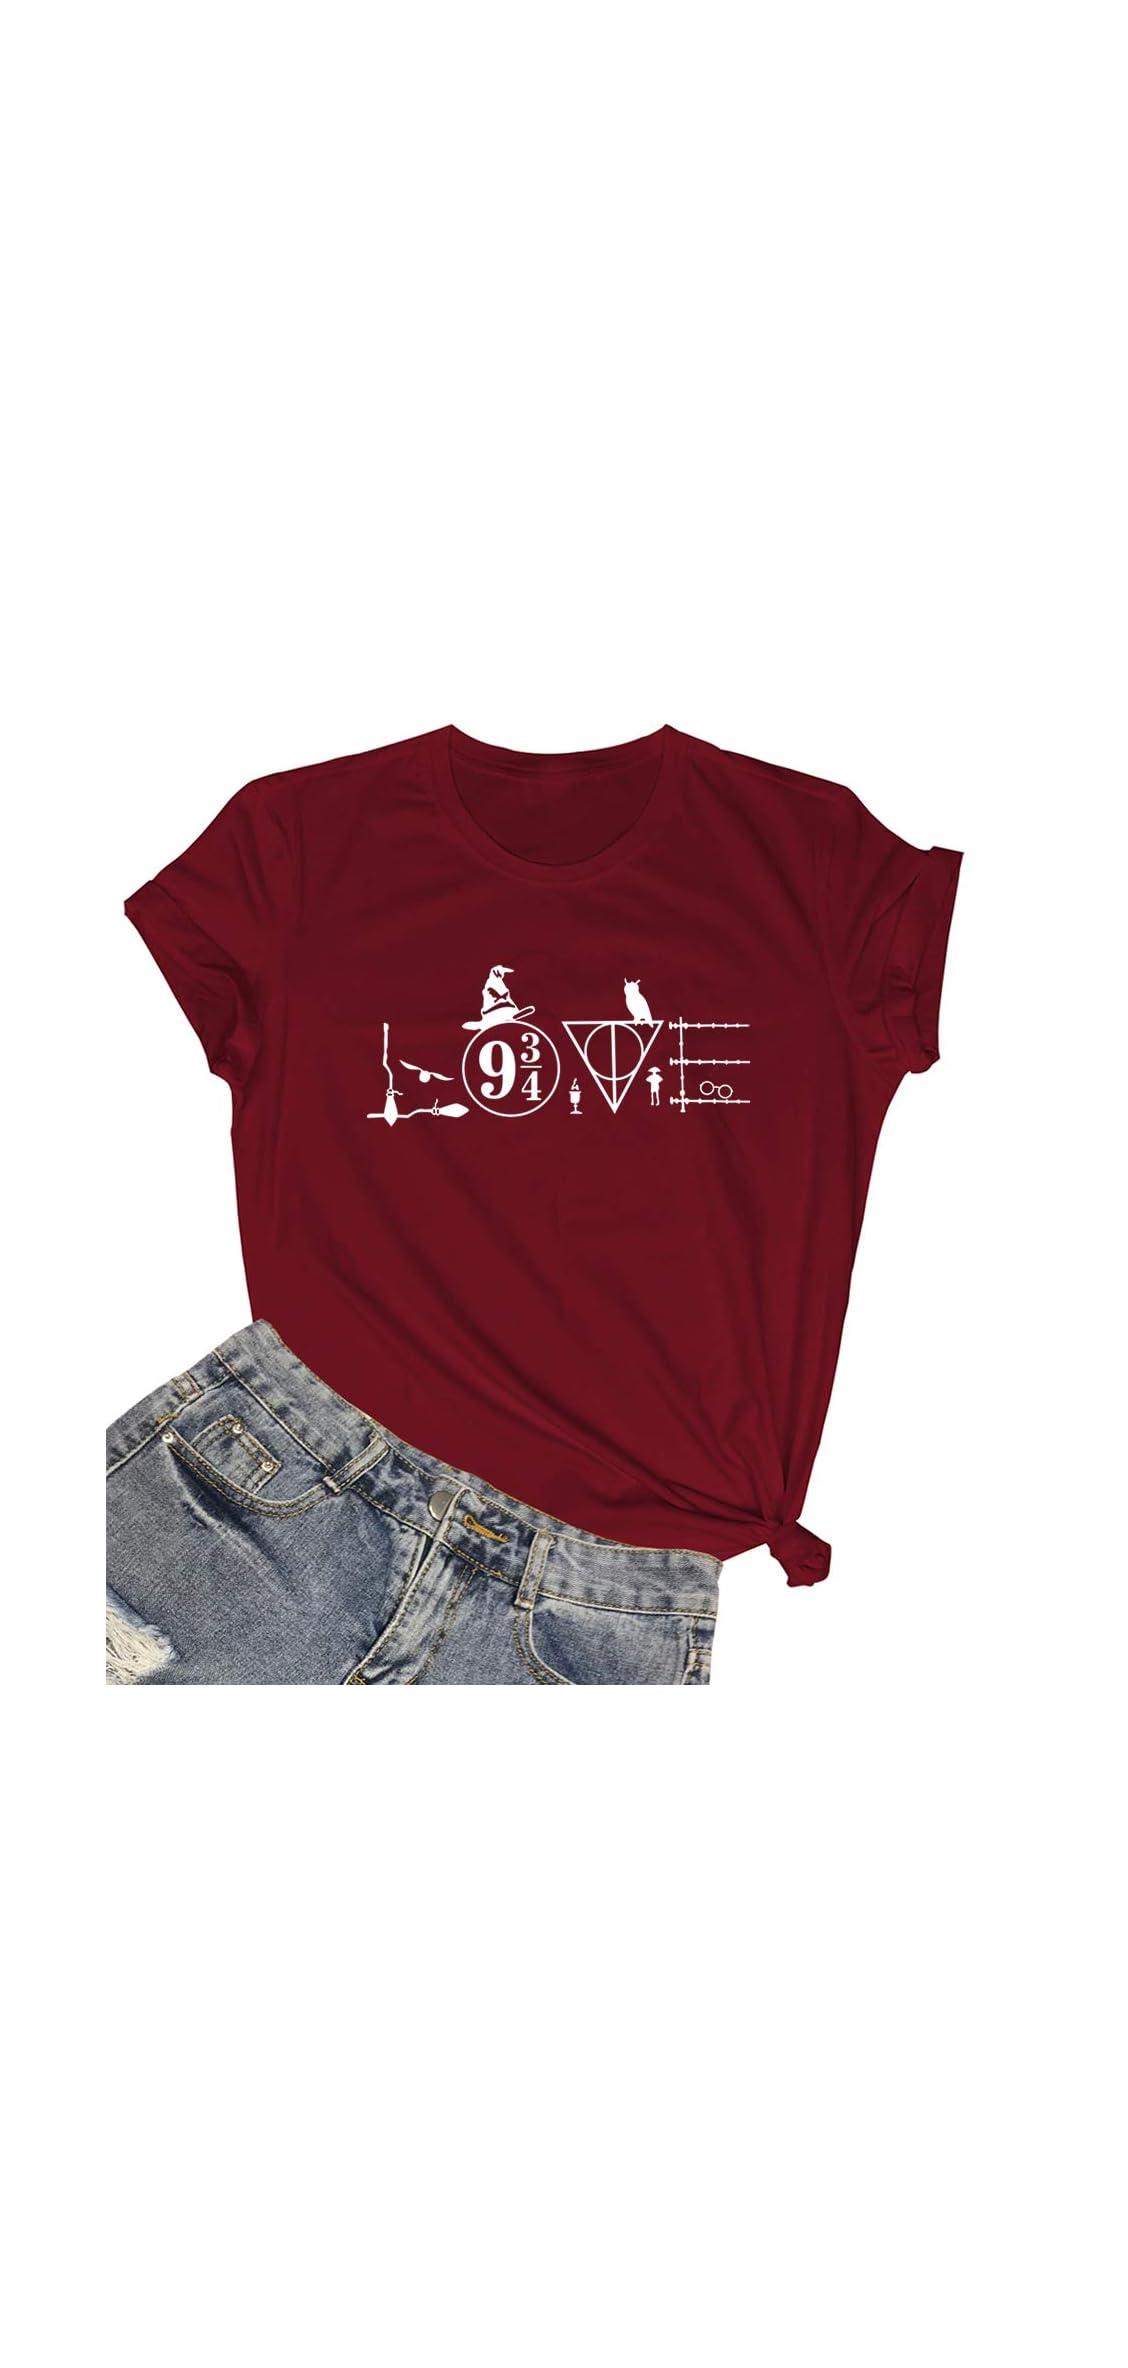 Womens Graphic Printed Tshirts Cute Funny Tees